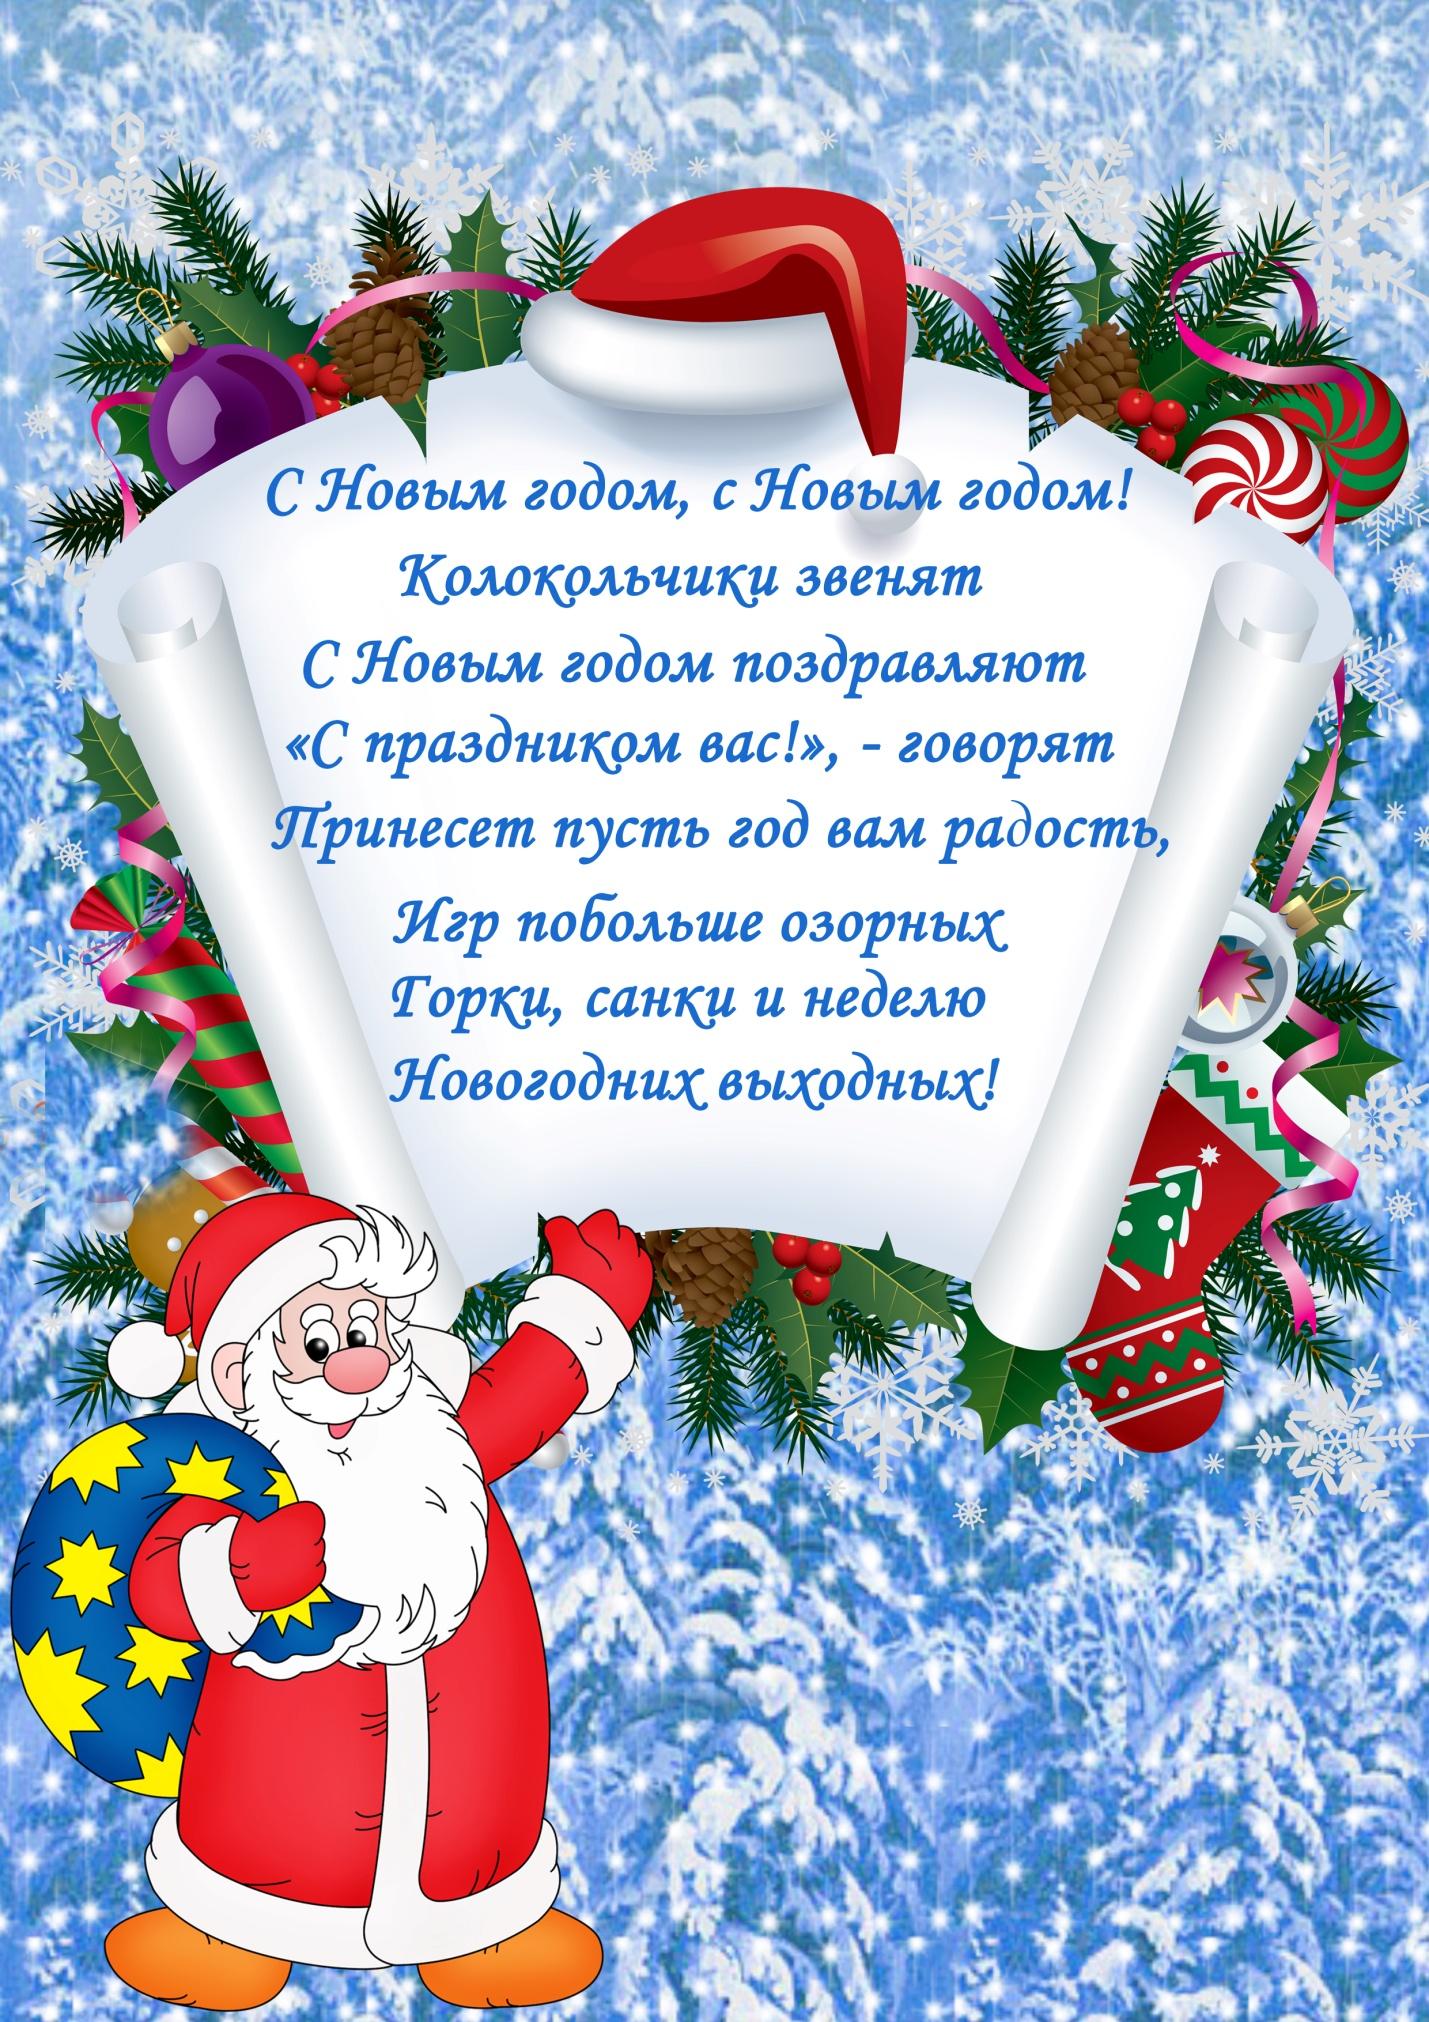 http://forum.materinstvo.ru/uploads/journals/1292484615/j61870_1292617659.jpg